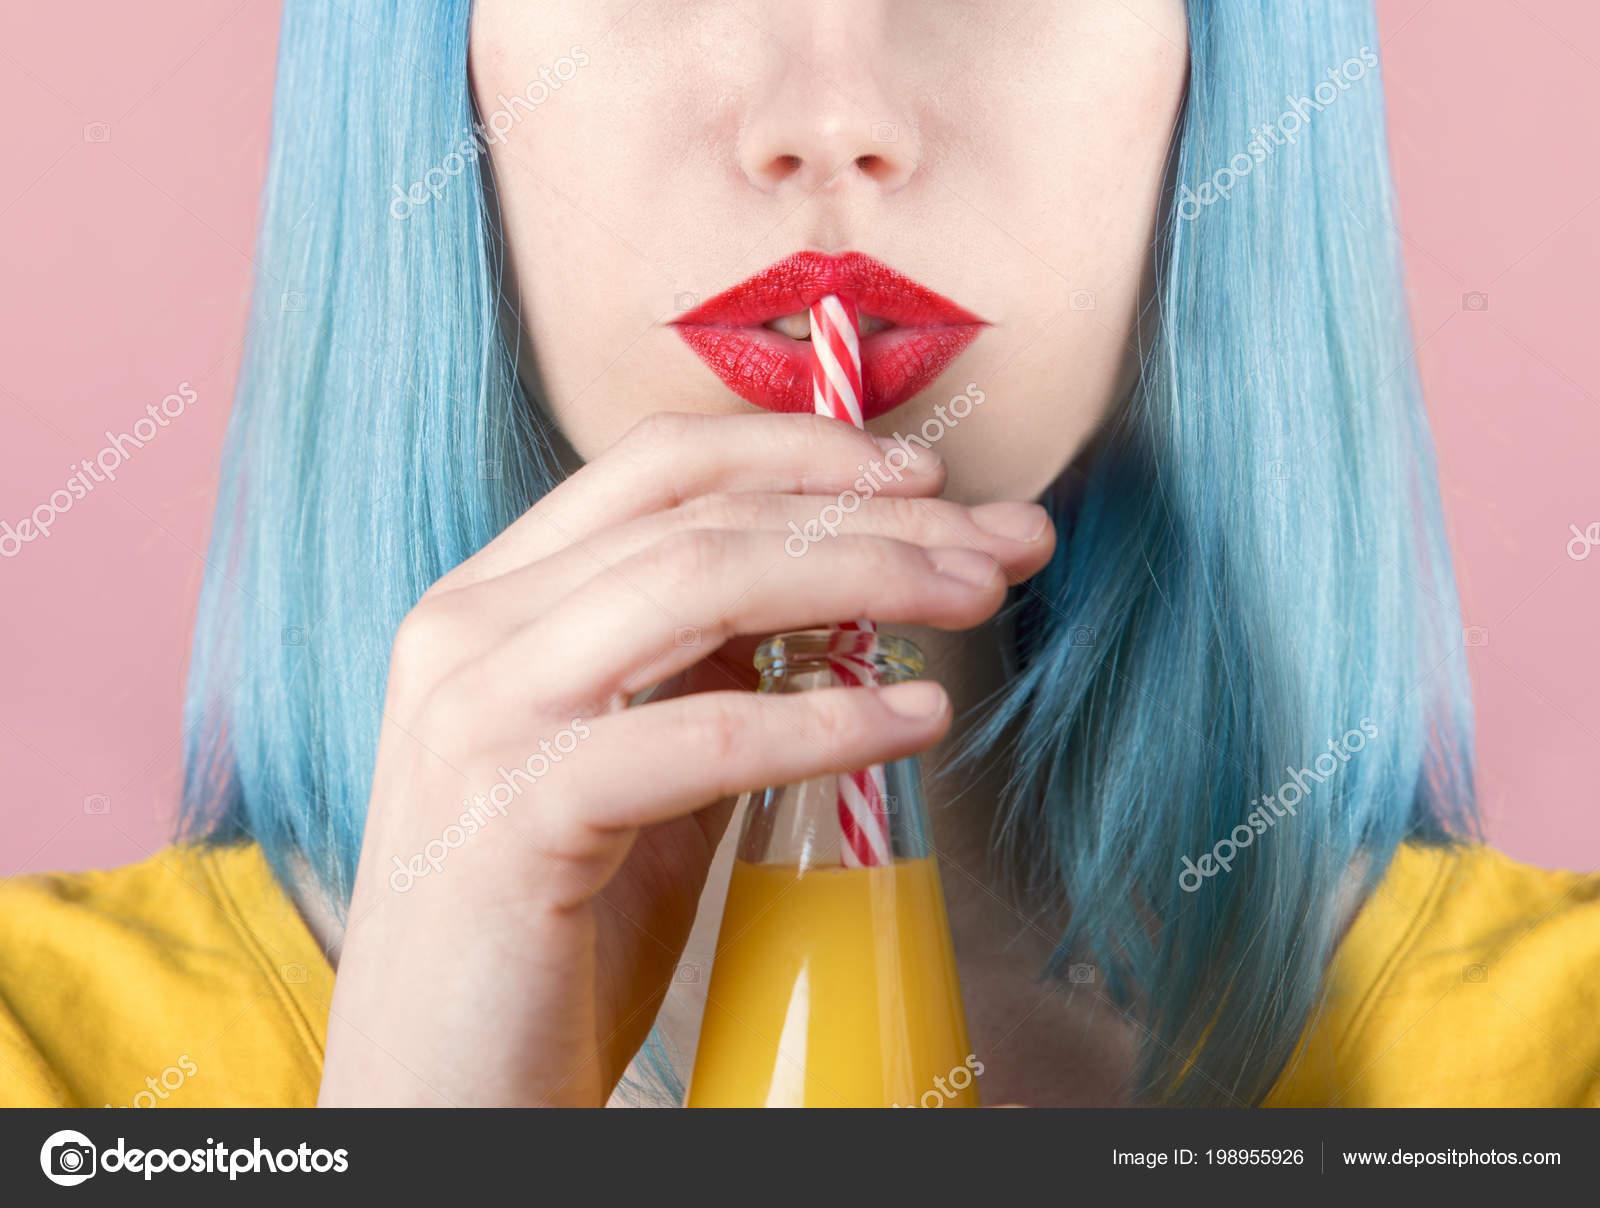 Крупный Студийный Портрет Молодой Женщины Хипстера Красной Помадой Синими  Окрашенными — Стоковое фото © hitdelight #198955926